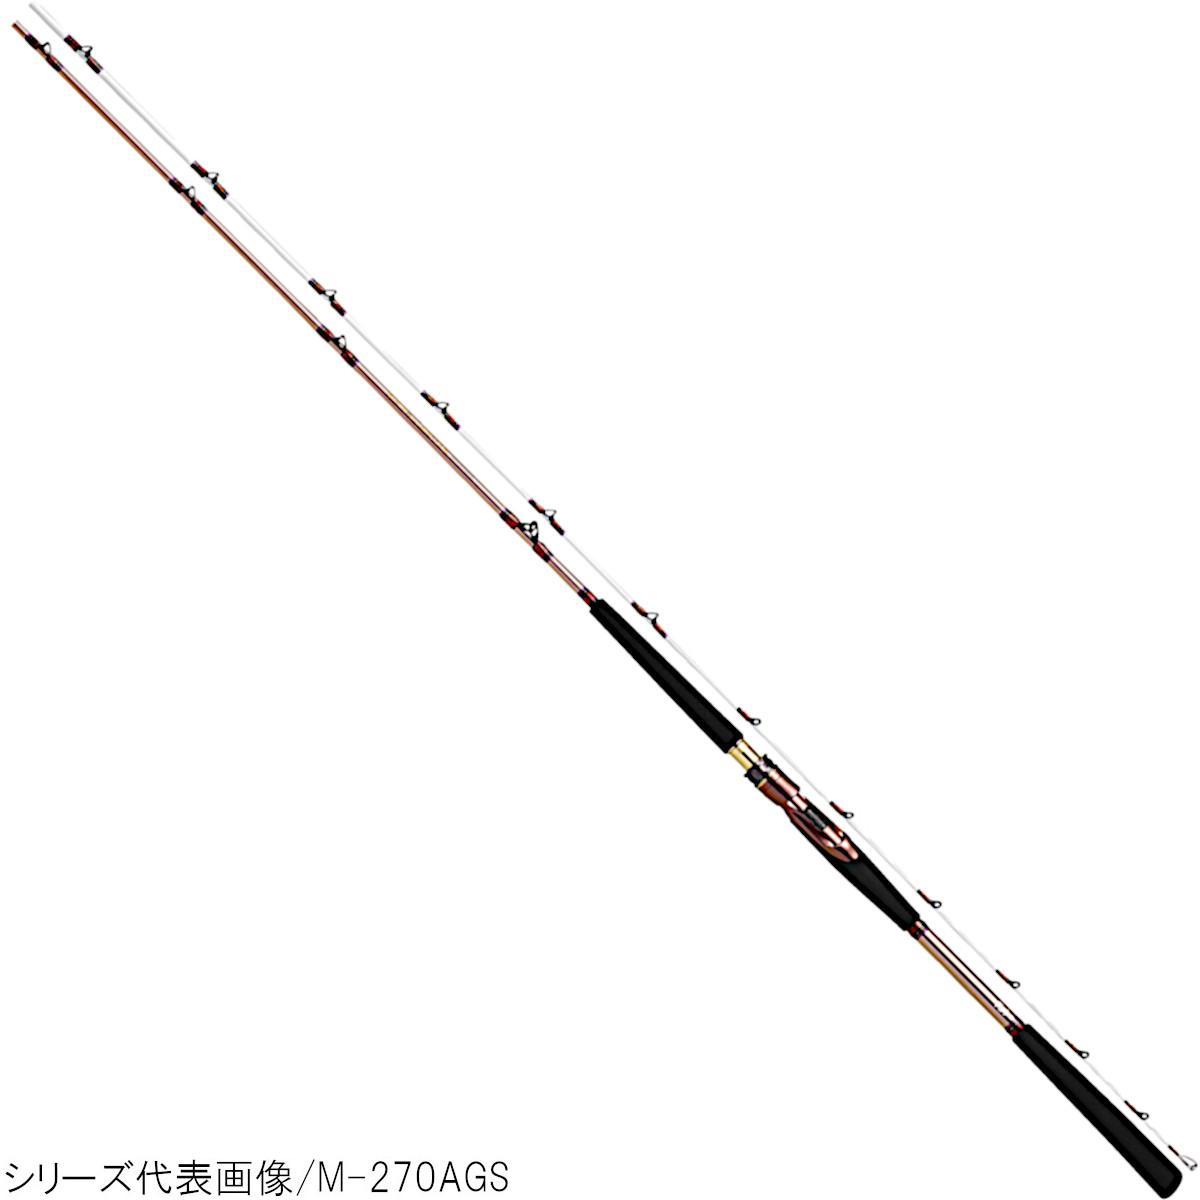 ダイワ リーオマスター真鯛AIR SS-270AGS【大型商品】